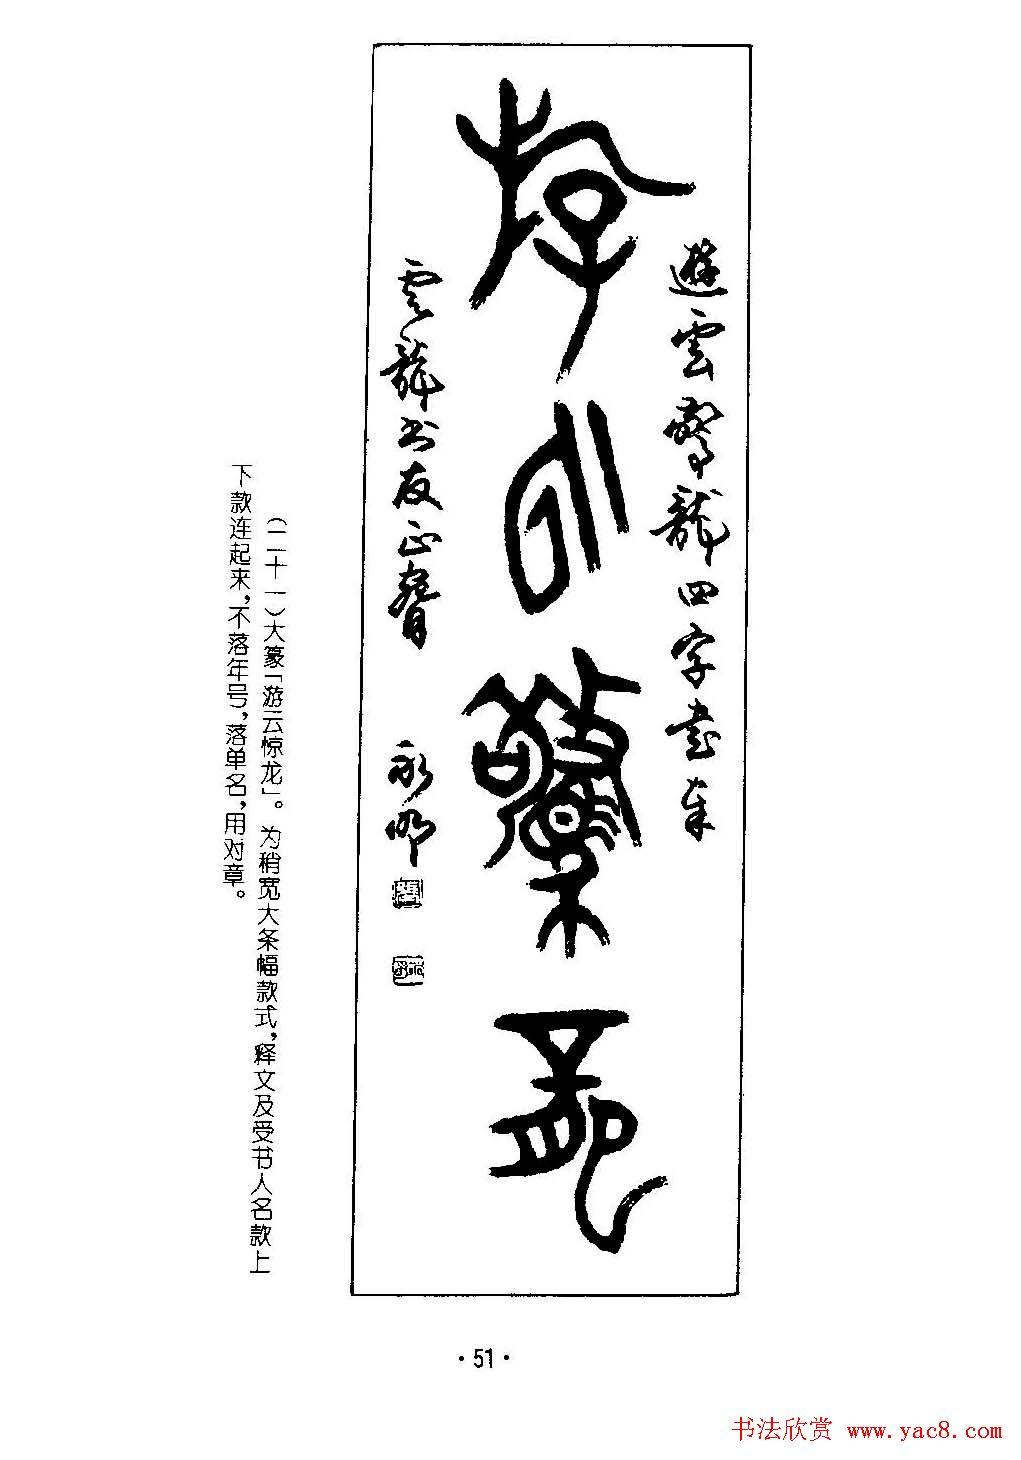 张永明字帖 篆书章法 条幅与长卷篇 第12页 篆书字帖 书法欣赏